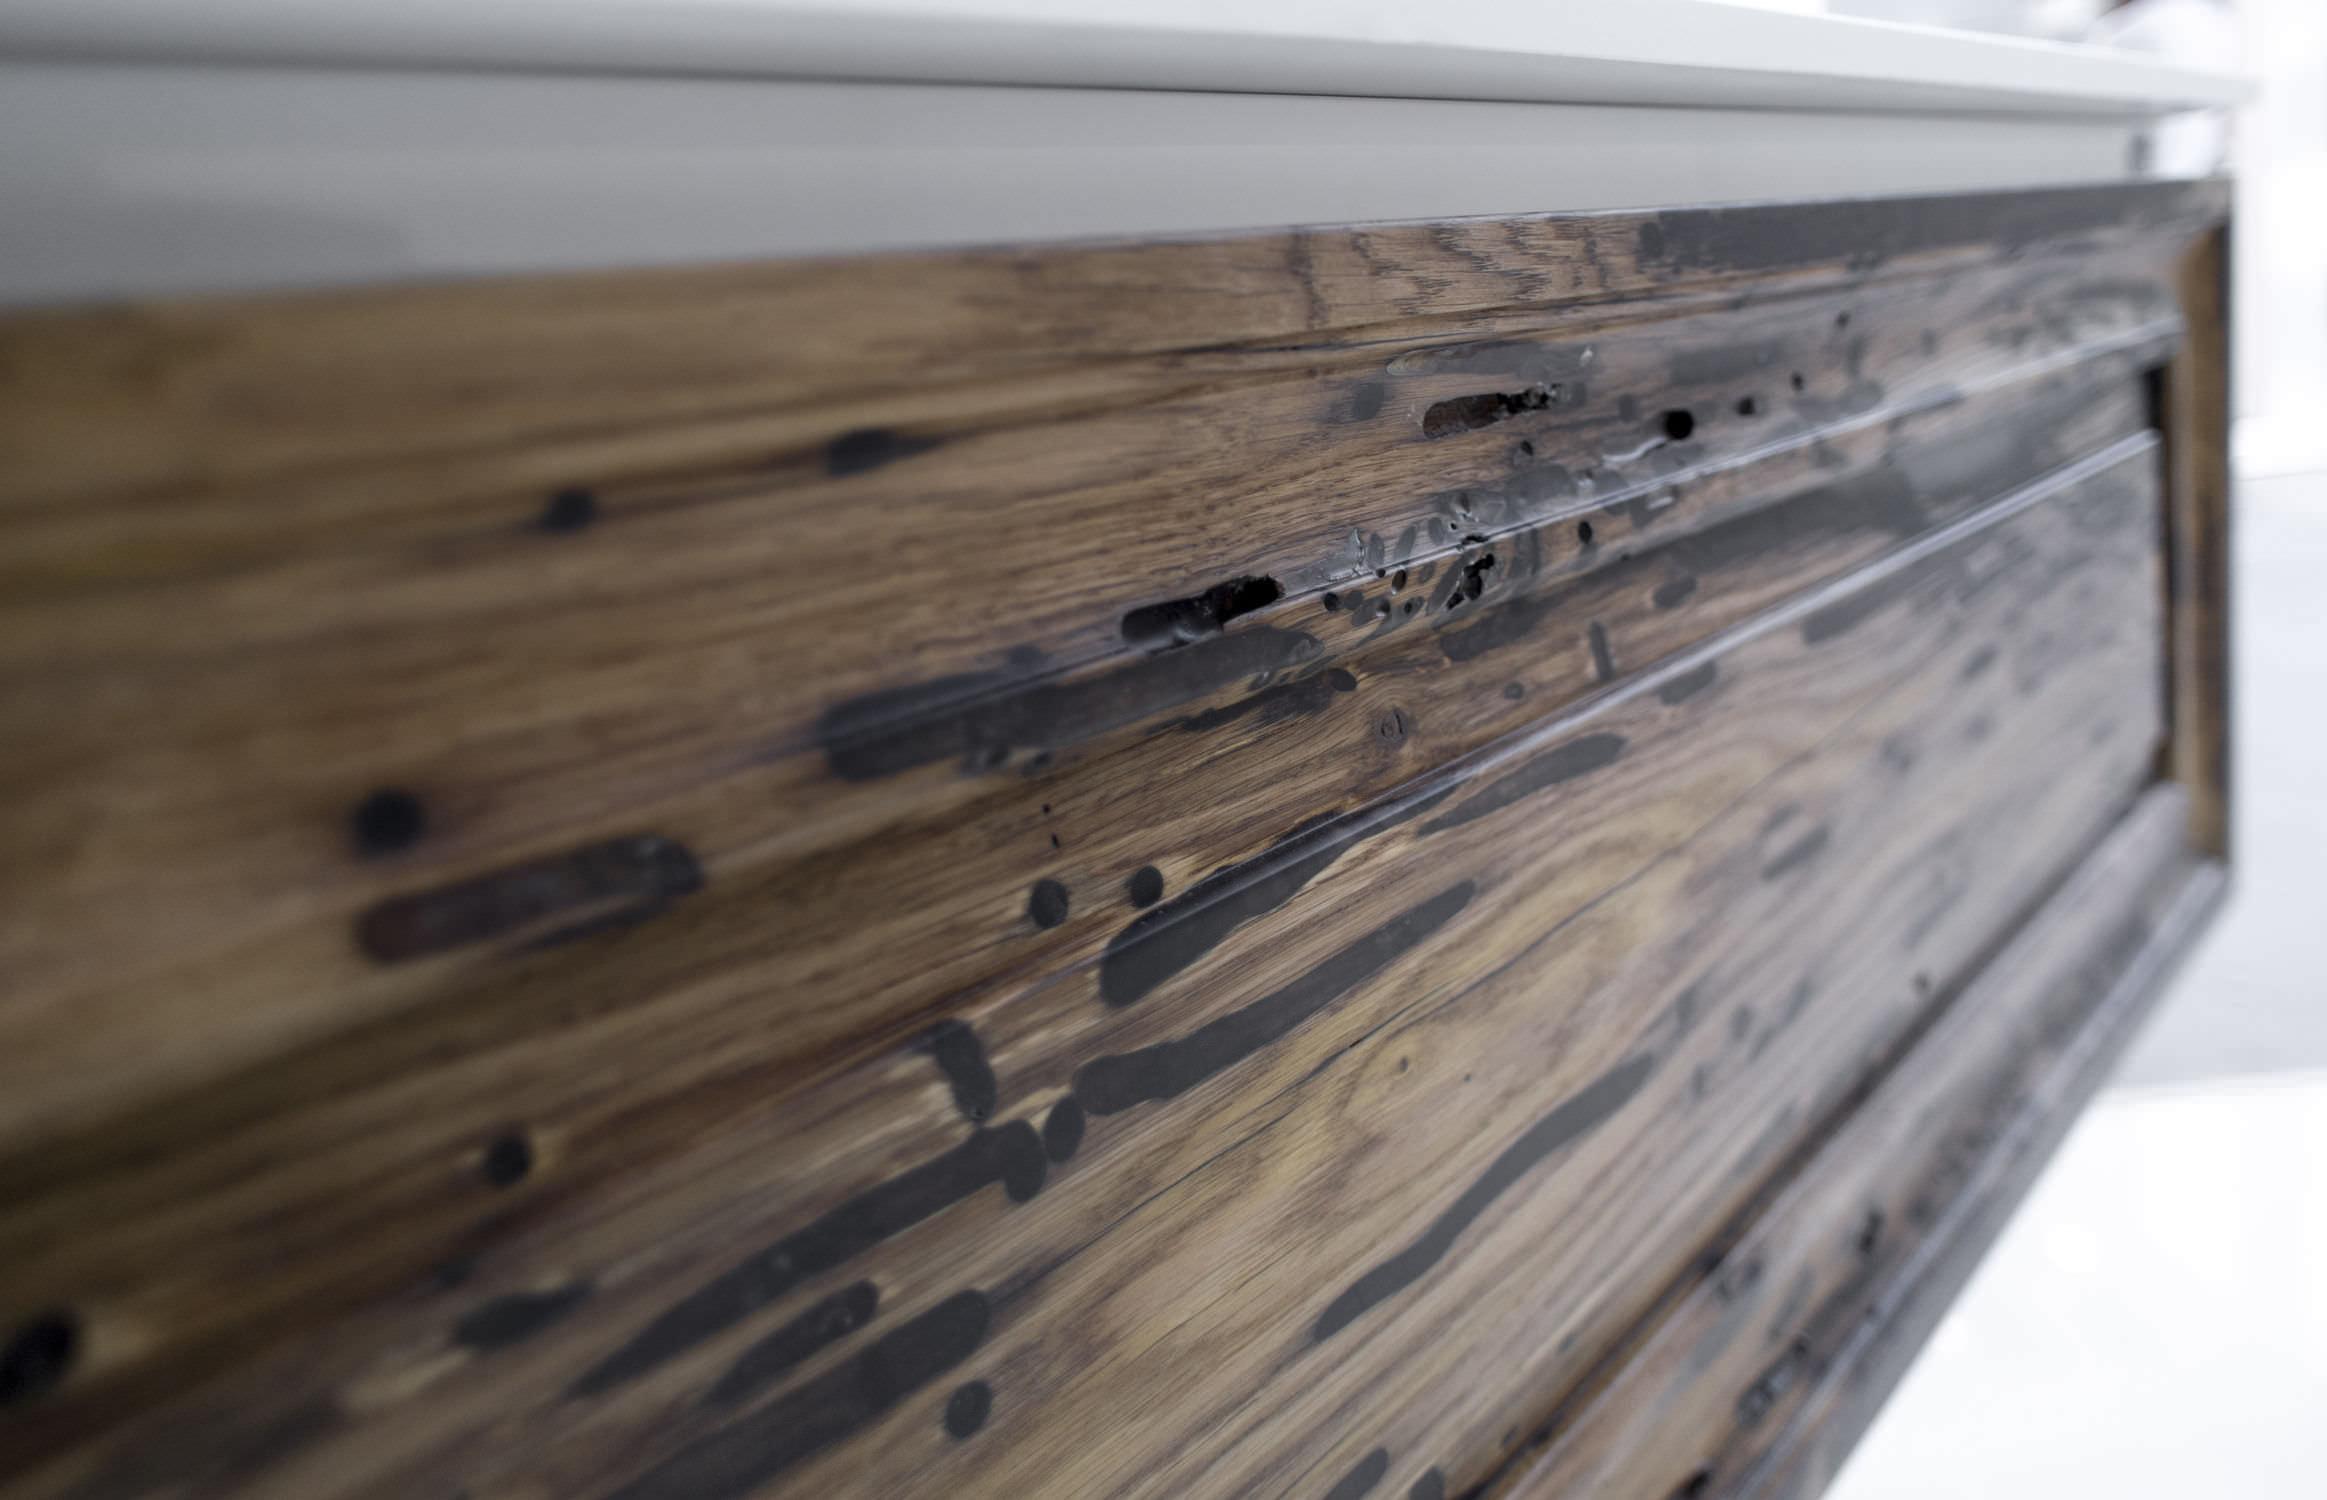 Mobile lavabo sospeso - in legno, moderno, con cassetti, CHARME VINTAGE 1 105.5x51x35cm Dettaglio